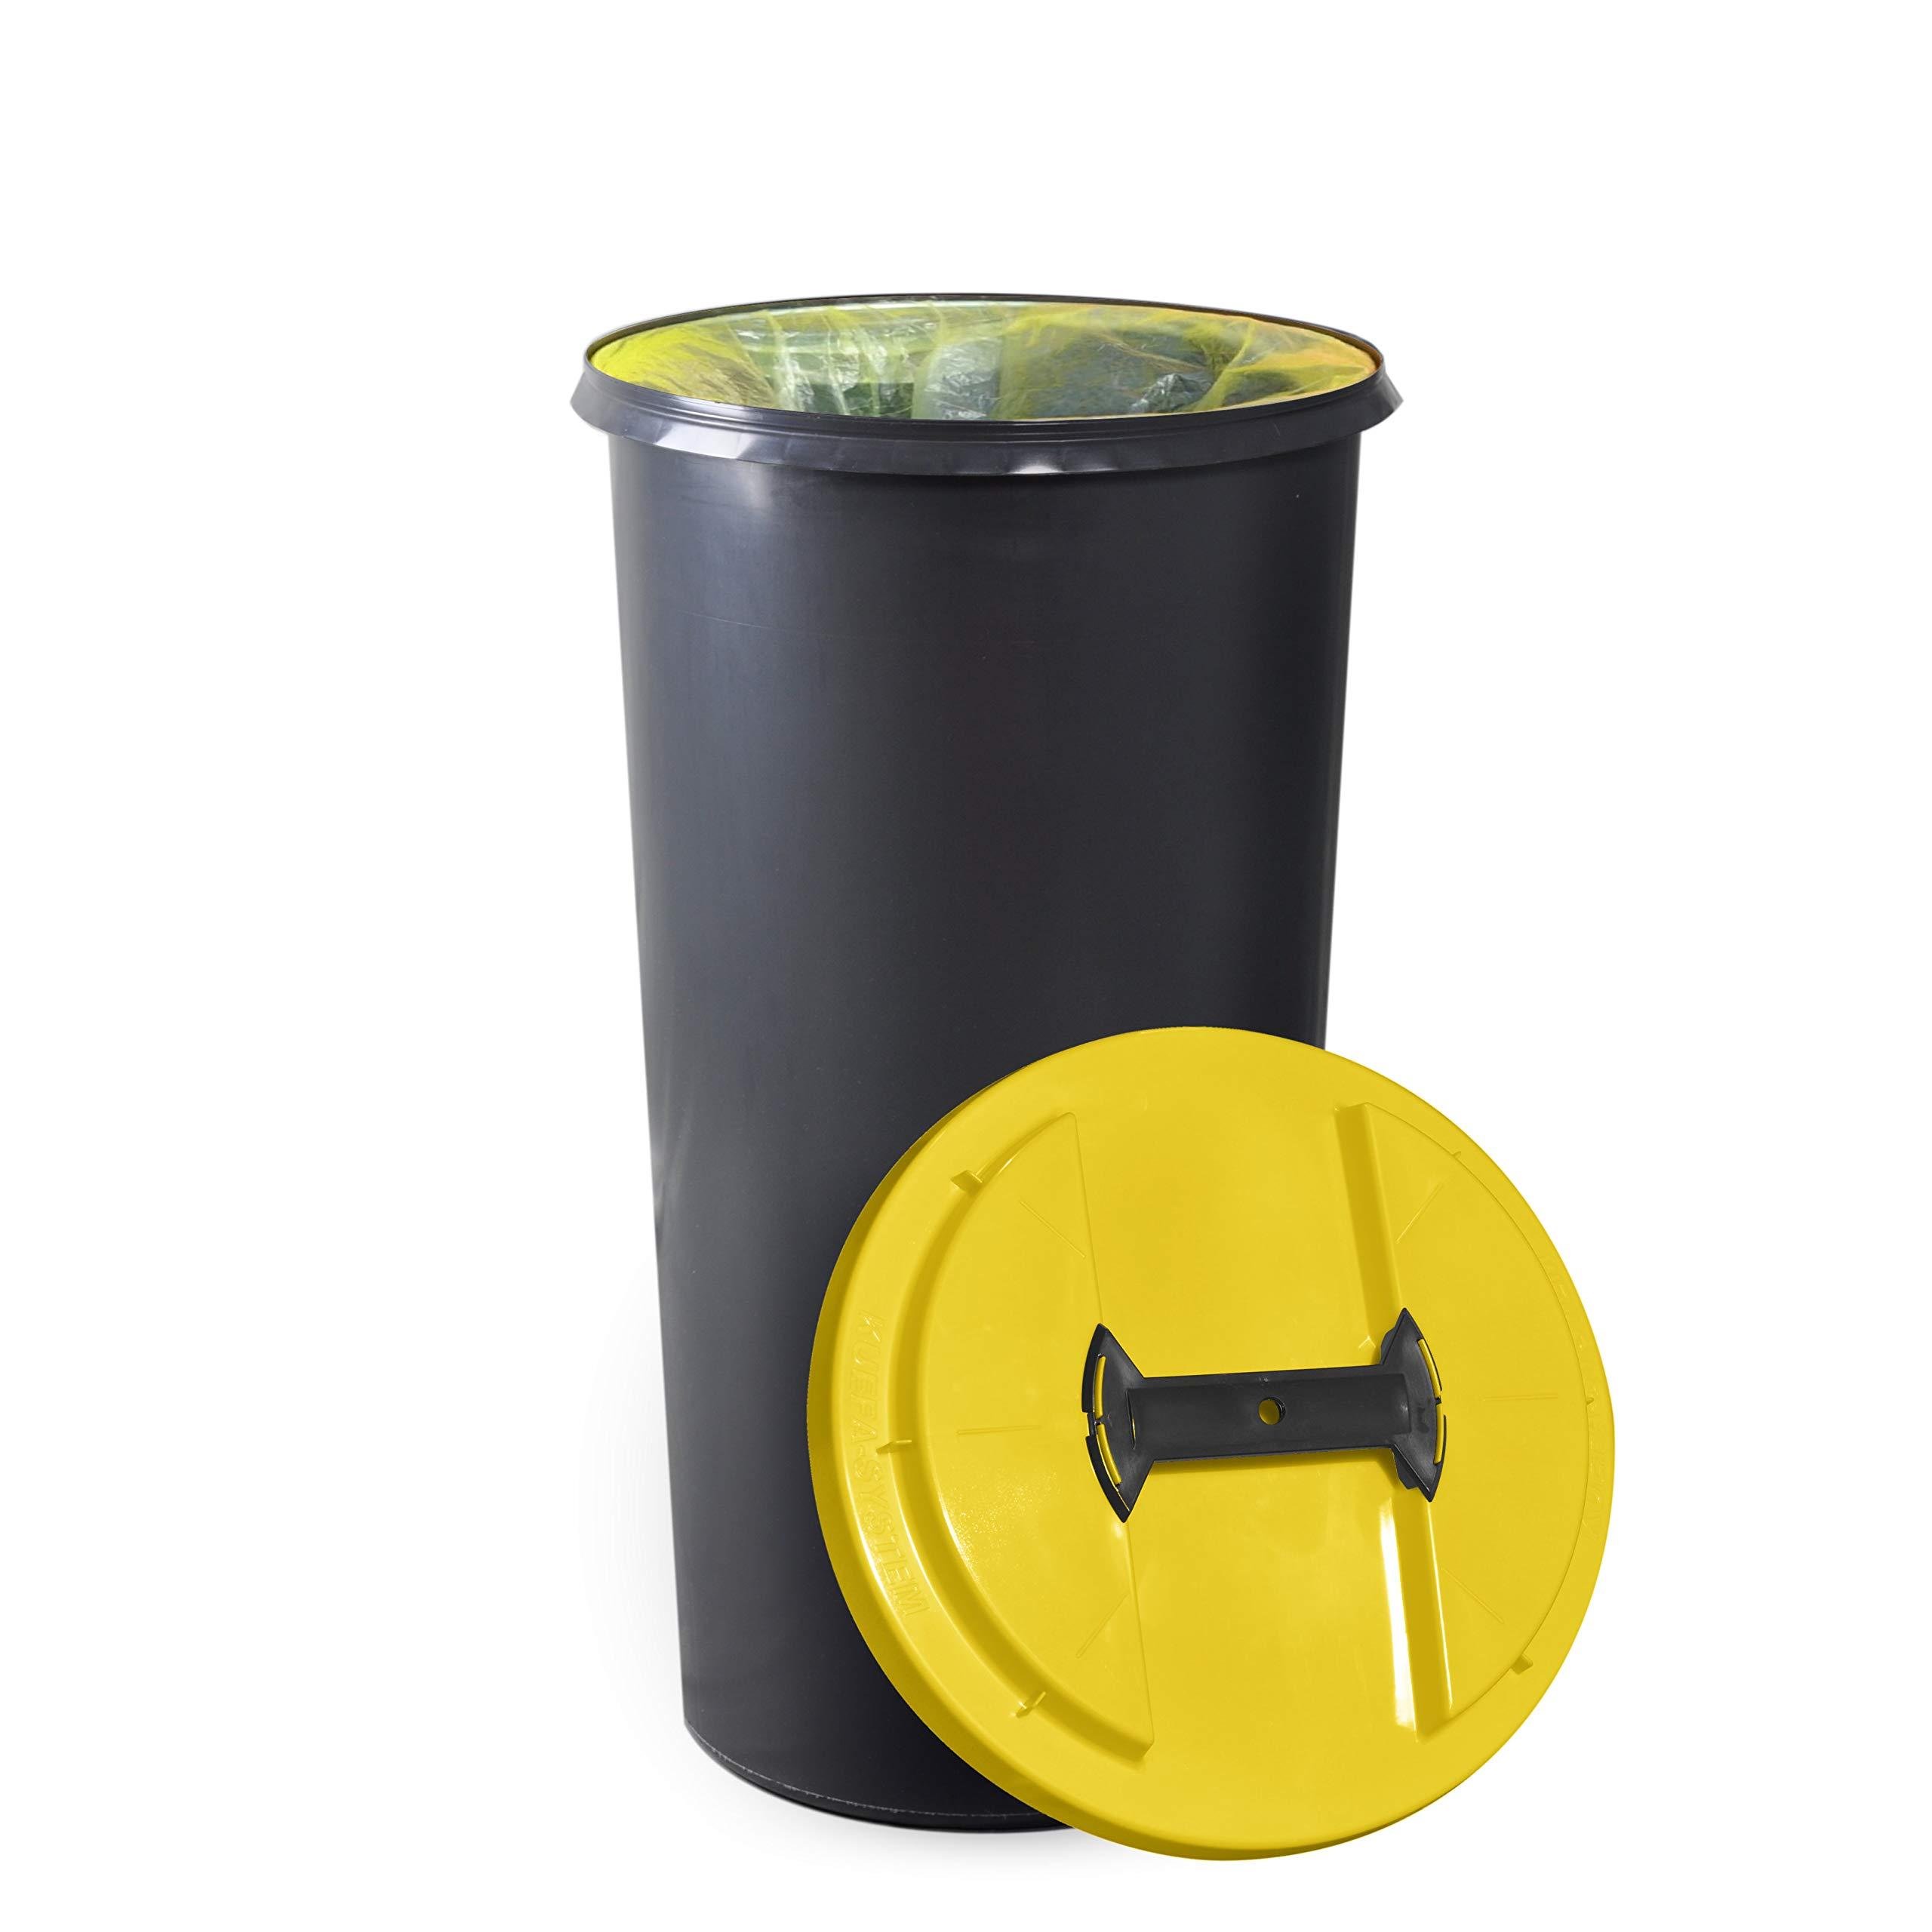 Müllständer Mülleimer Wertstoff Tonne gelb Gelber Sack Müllsackständer